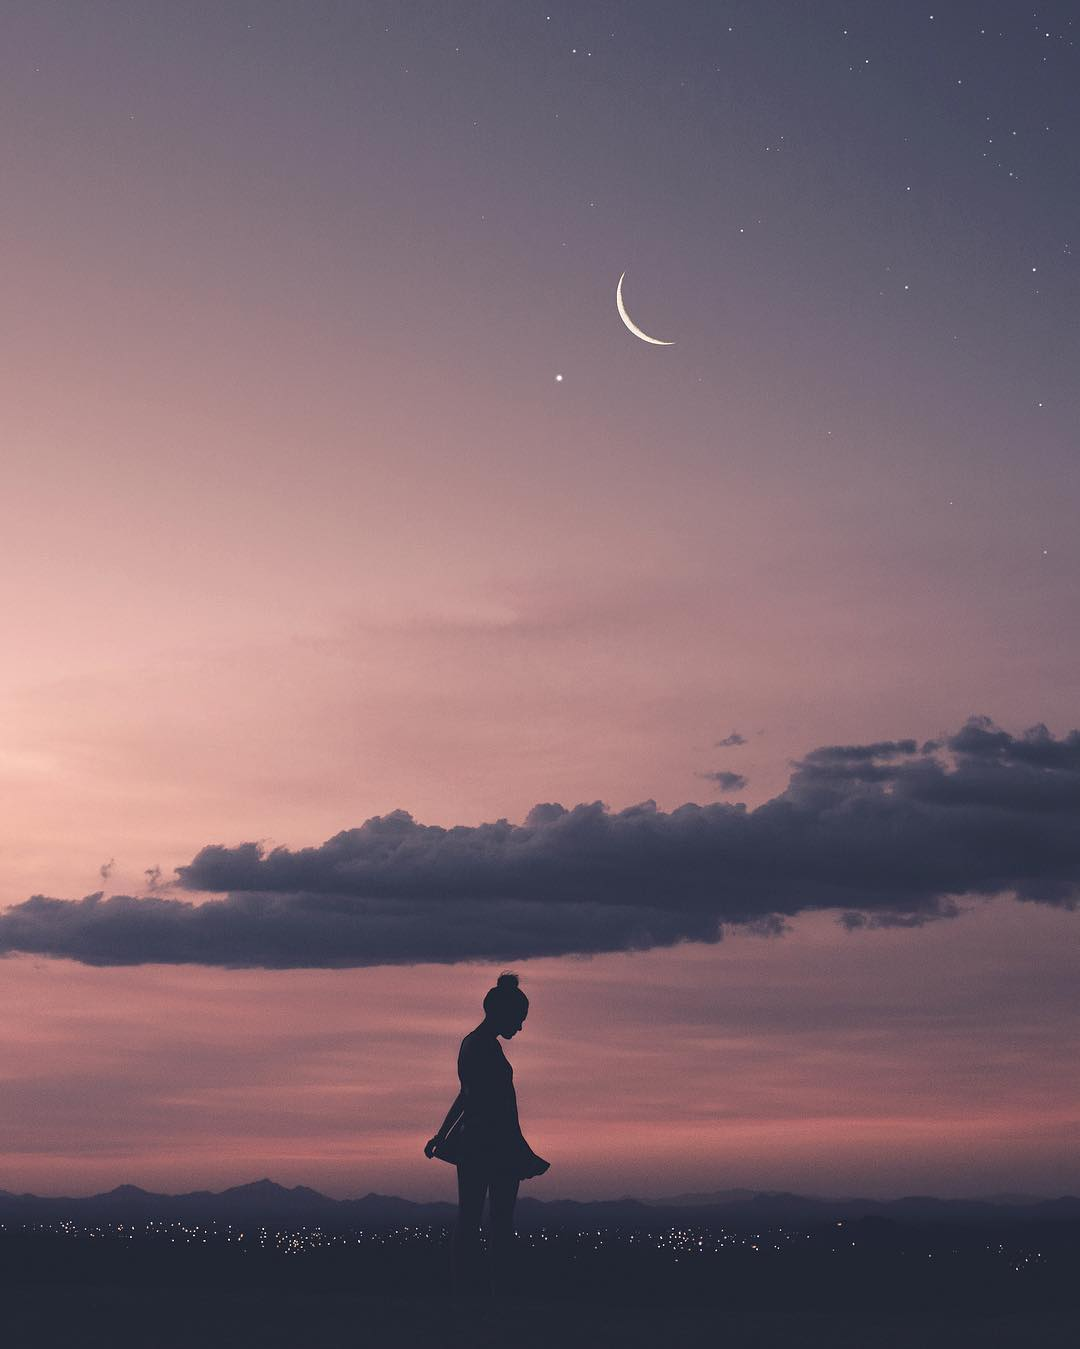 Звёздное небо и космос в картинках - Страница 21 1otnHIPSju0